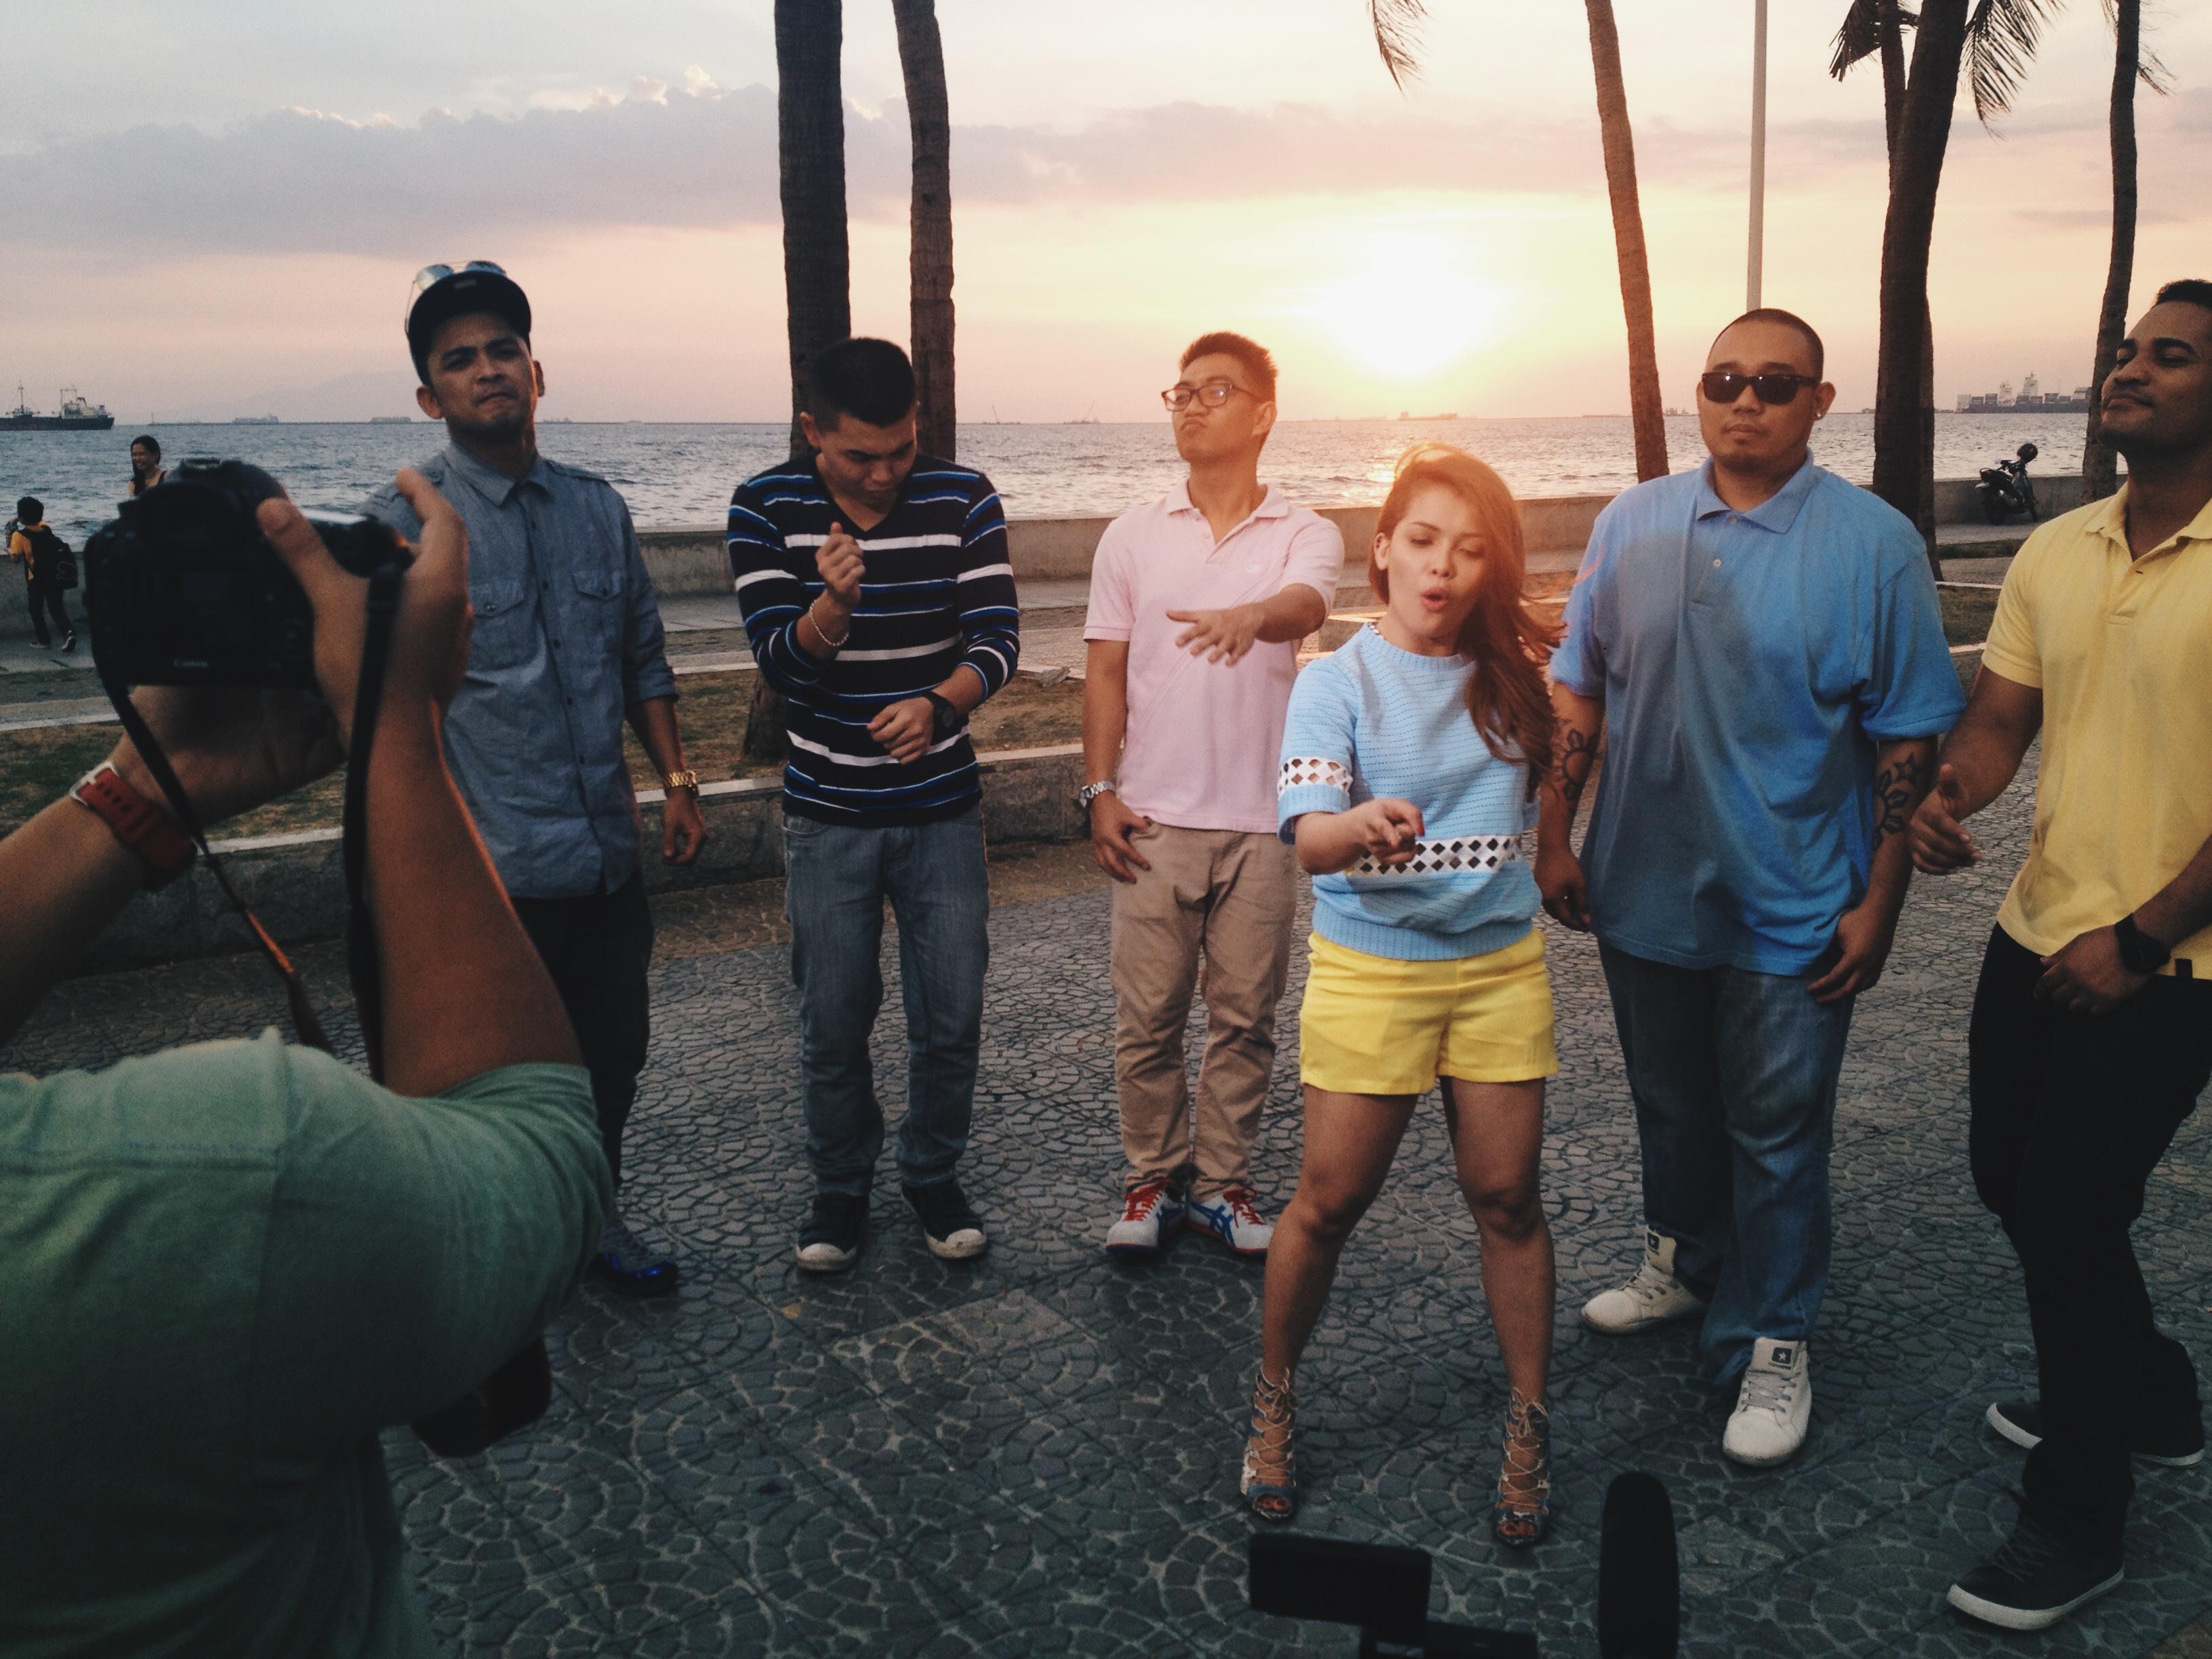 Voices of 5, KZ with Twenty Manila